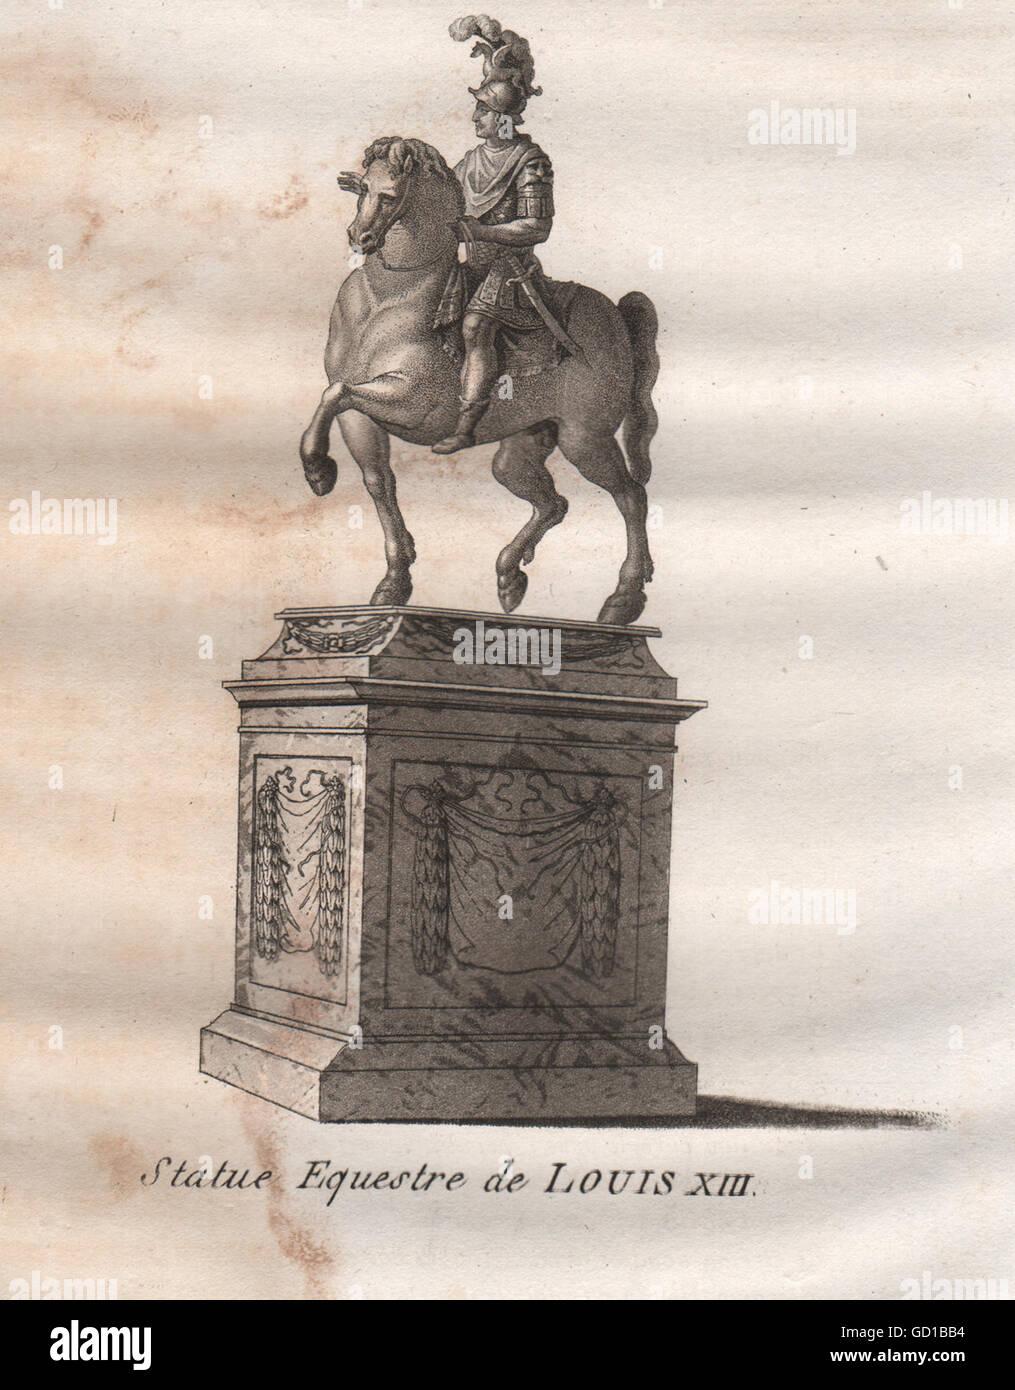 PARIS: Statue Equestre de Louis XIII. Aquatint, antique print 1808 - Stock Image